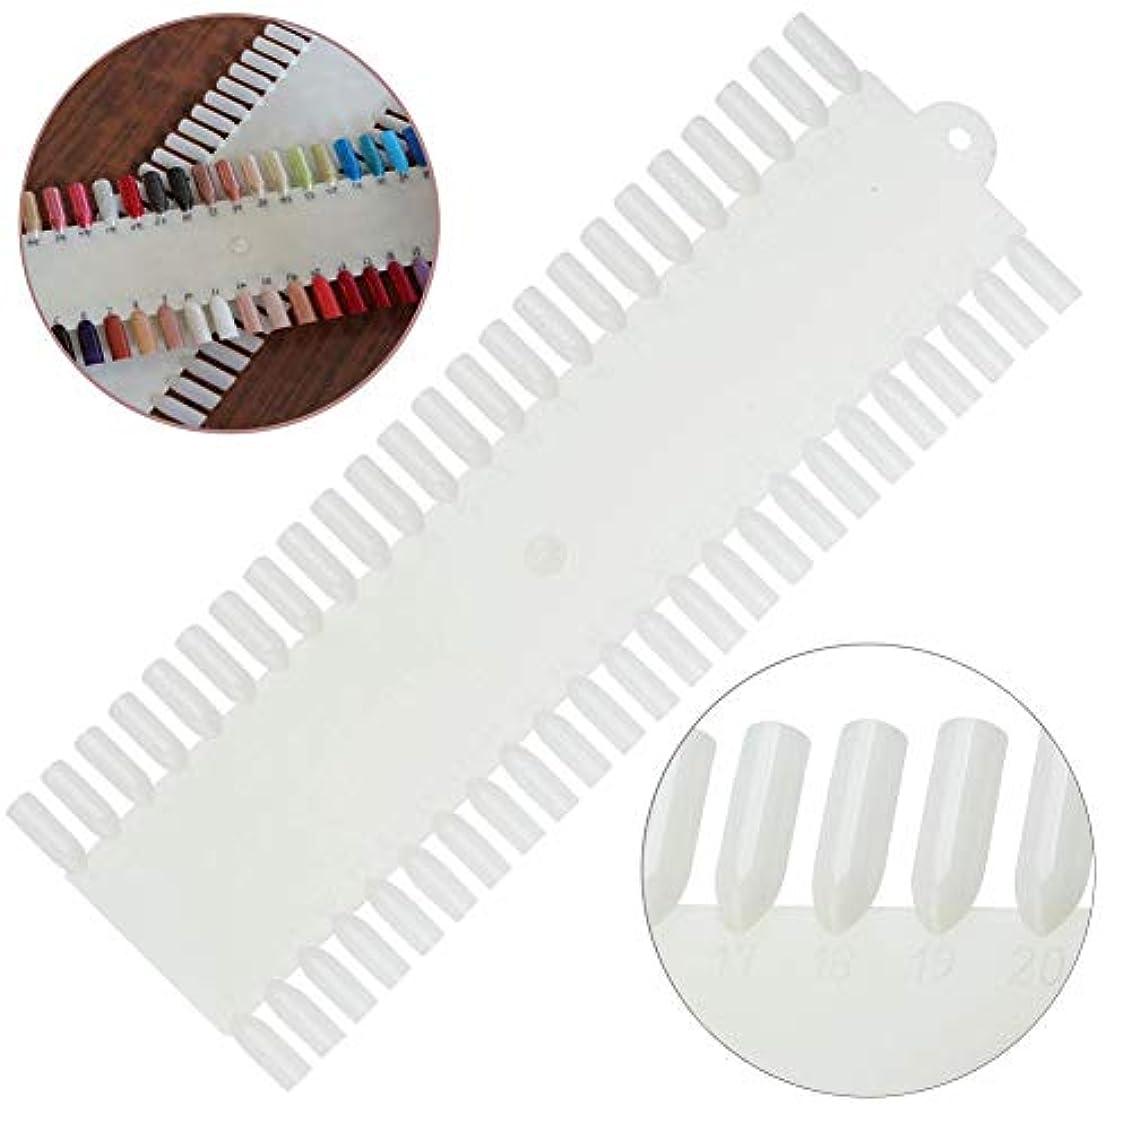 サークルカプラー世辞白の48の偽の釘/プラスチックヒント/表示および練習板が付いている良質の専門のネイルアートパレット